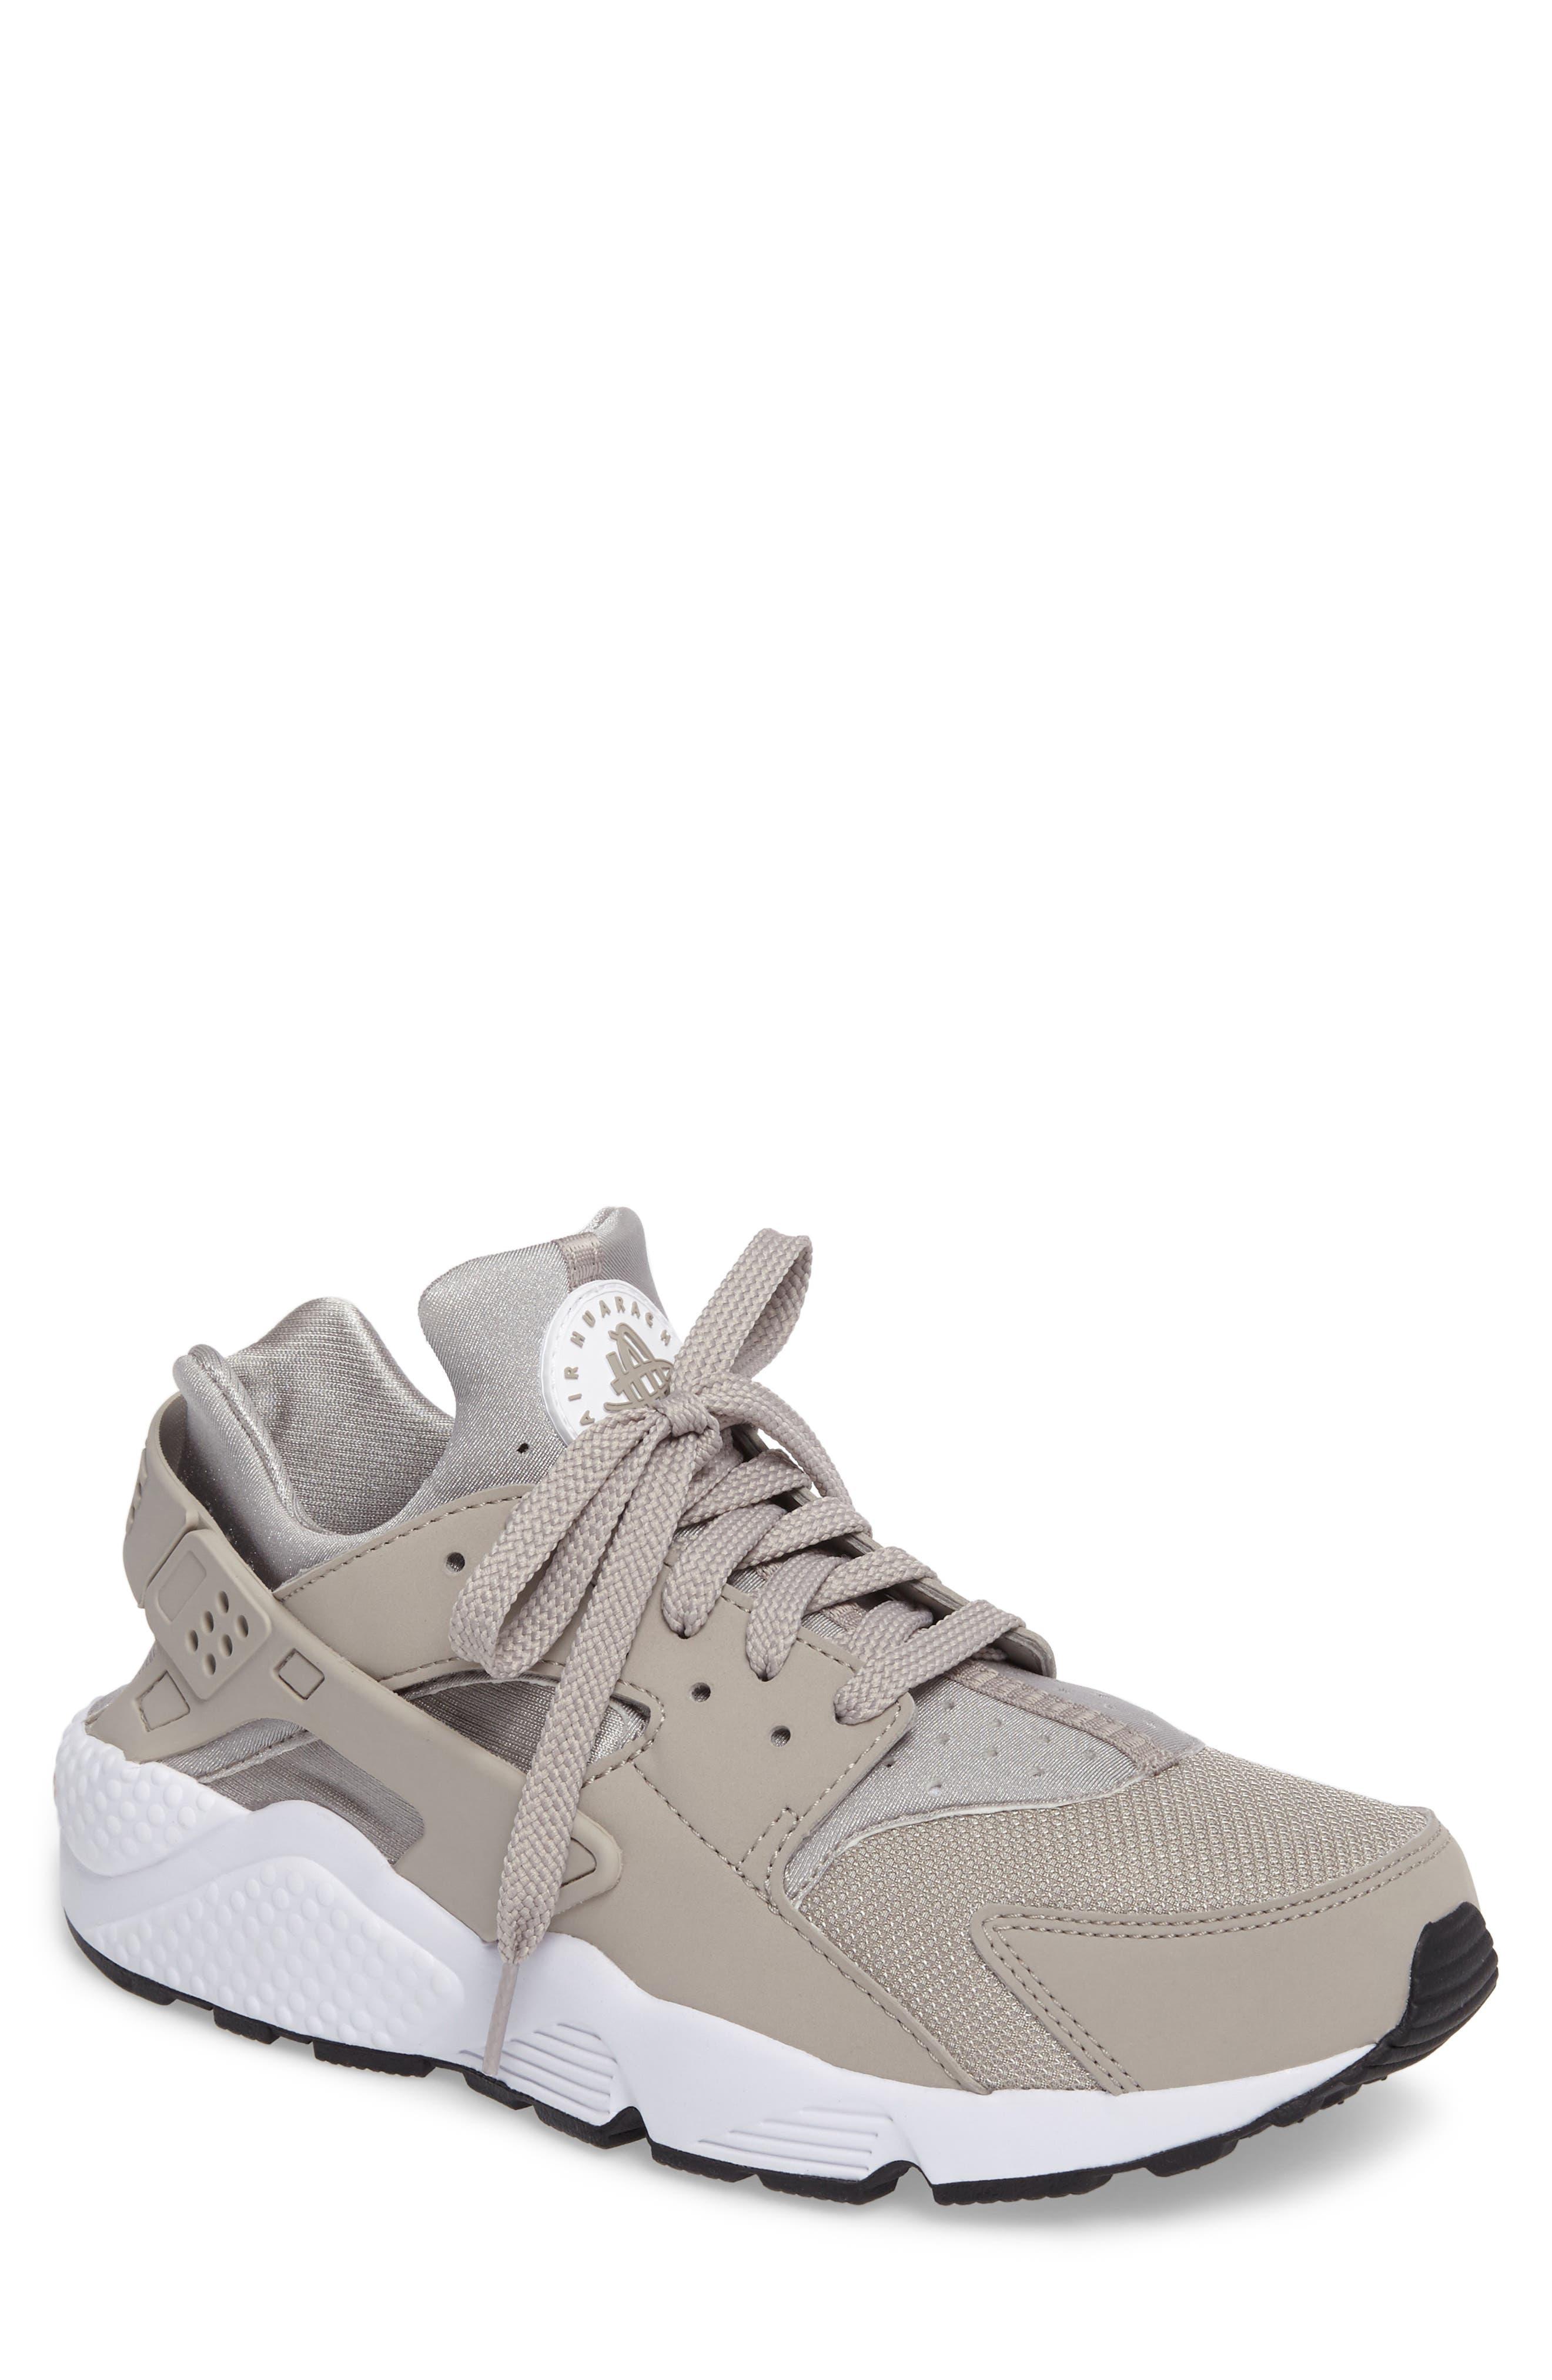 Alternate Image 1 Selected - Nike 'Air Huarache' Sneaker (Men)